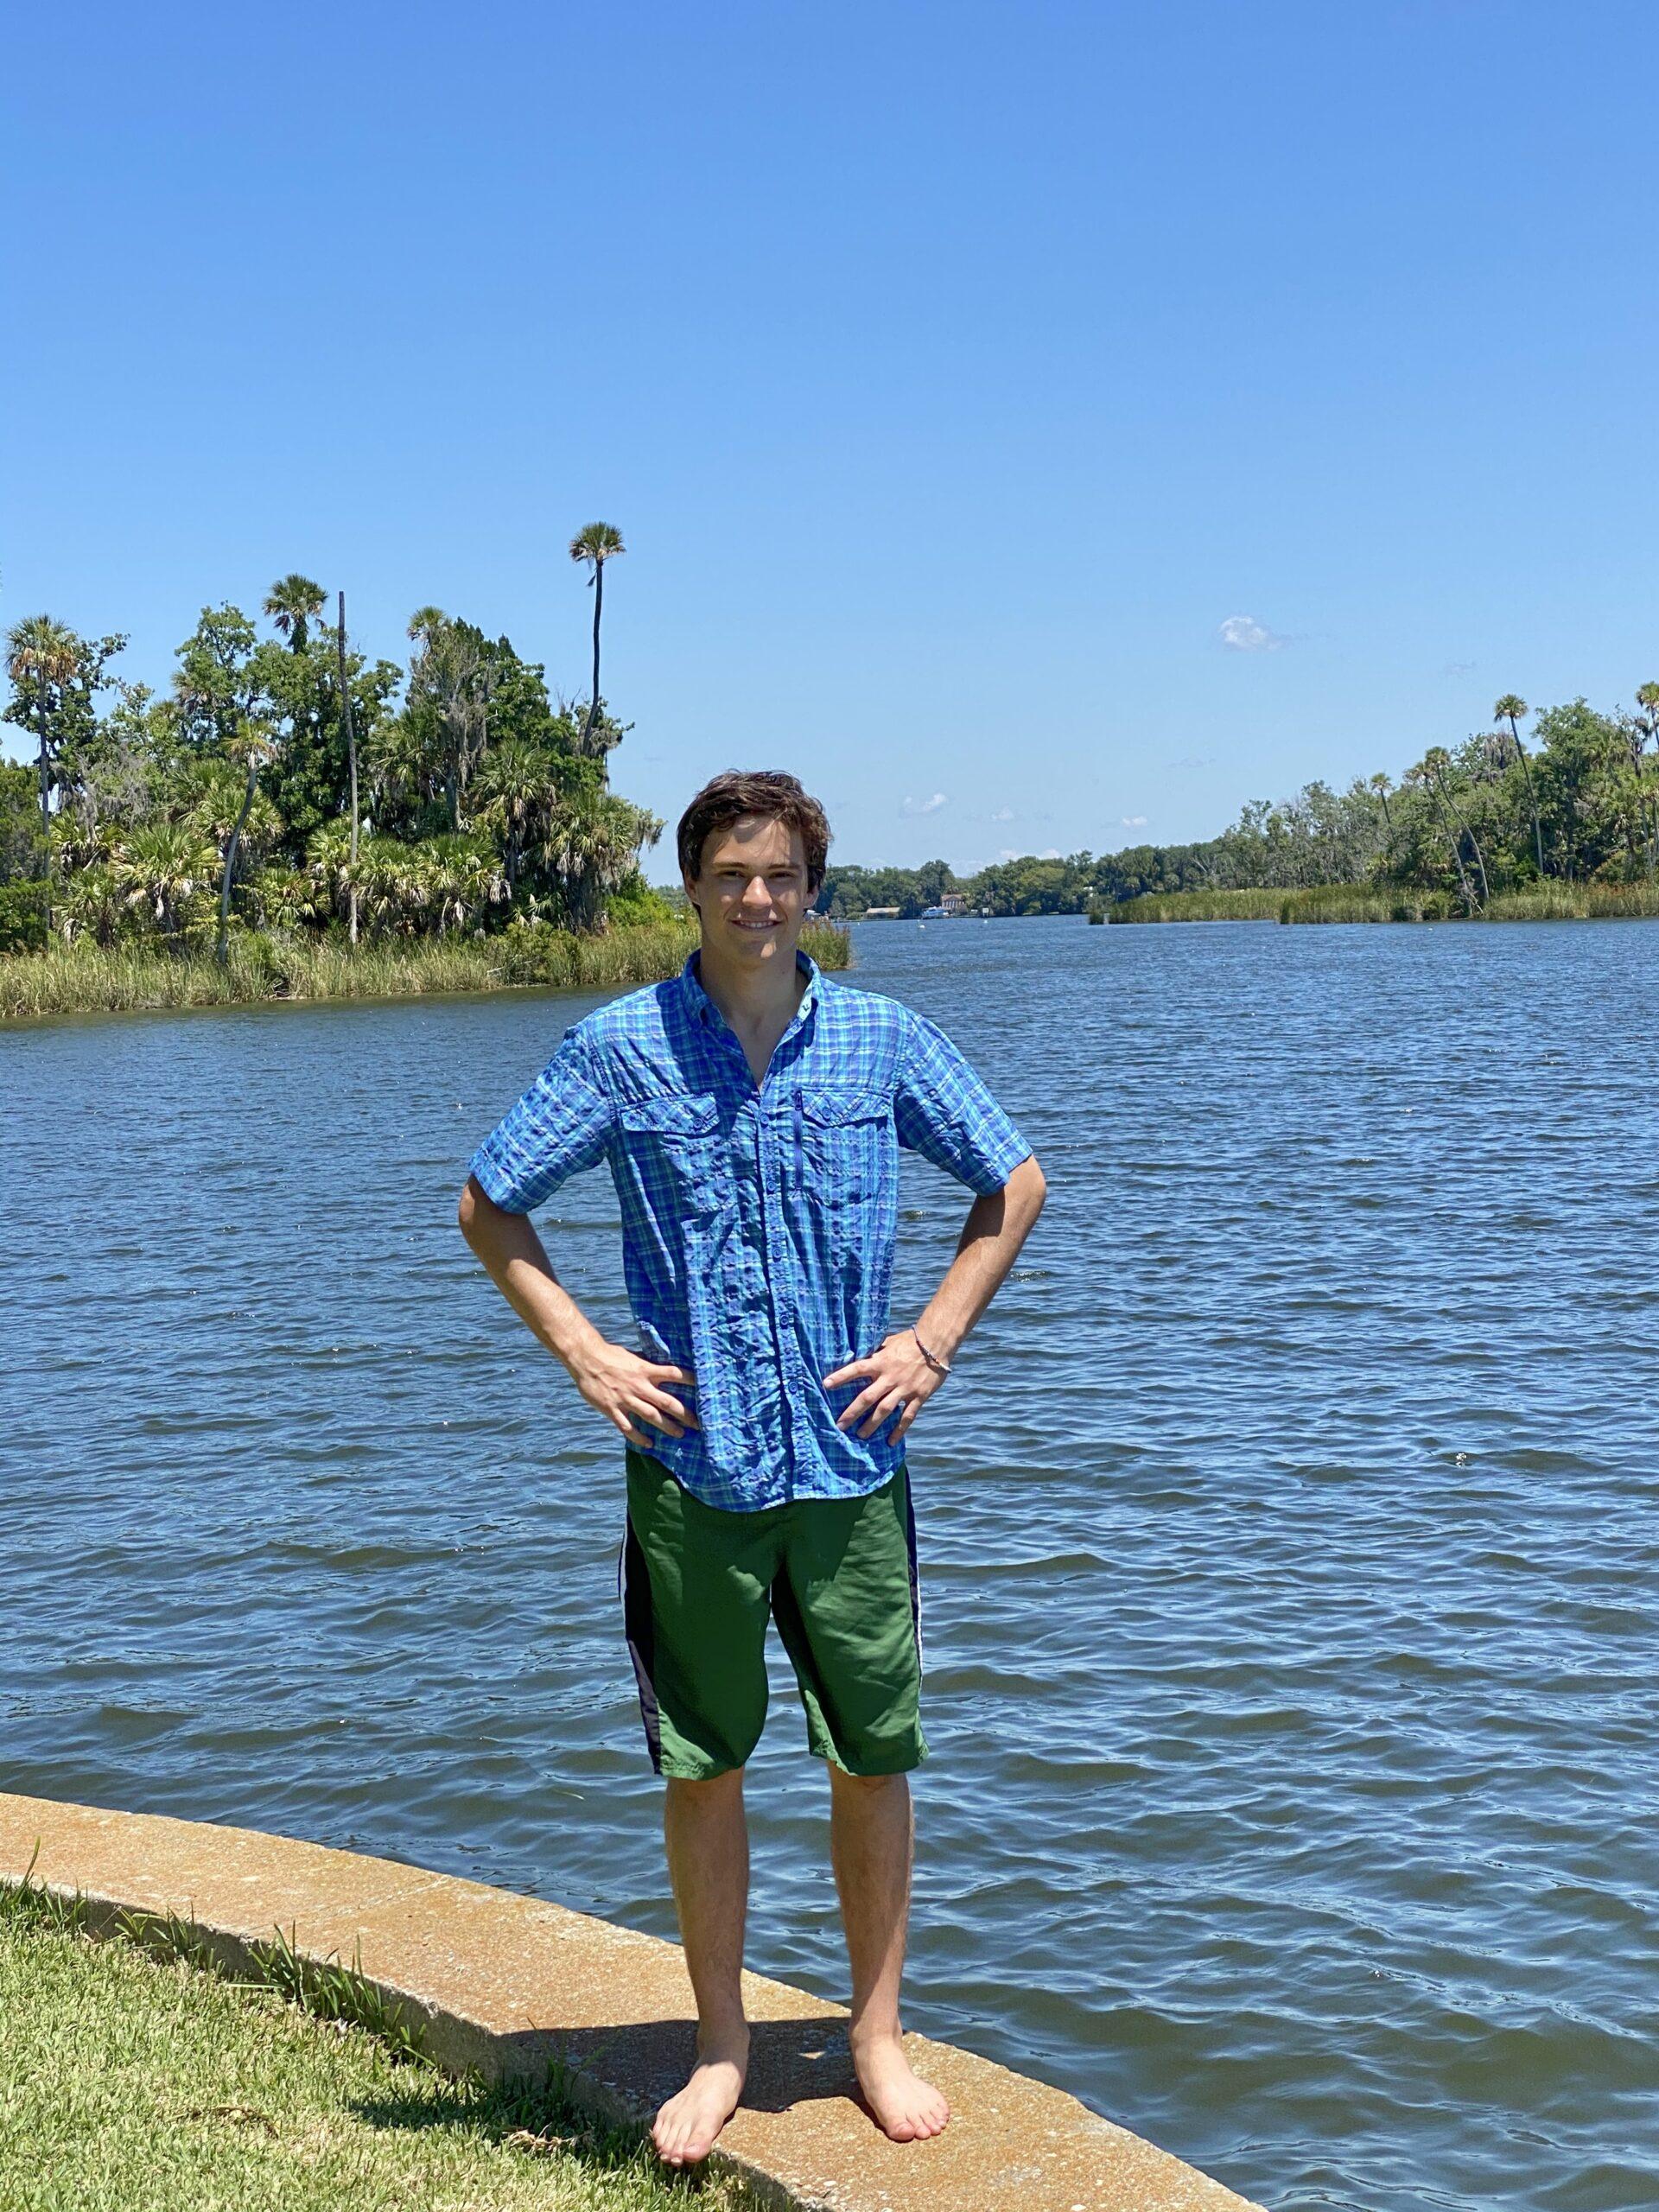 Picture showing Walker Willis alongside Crystal River